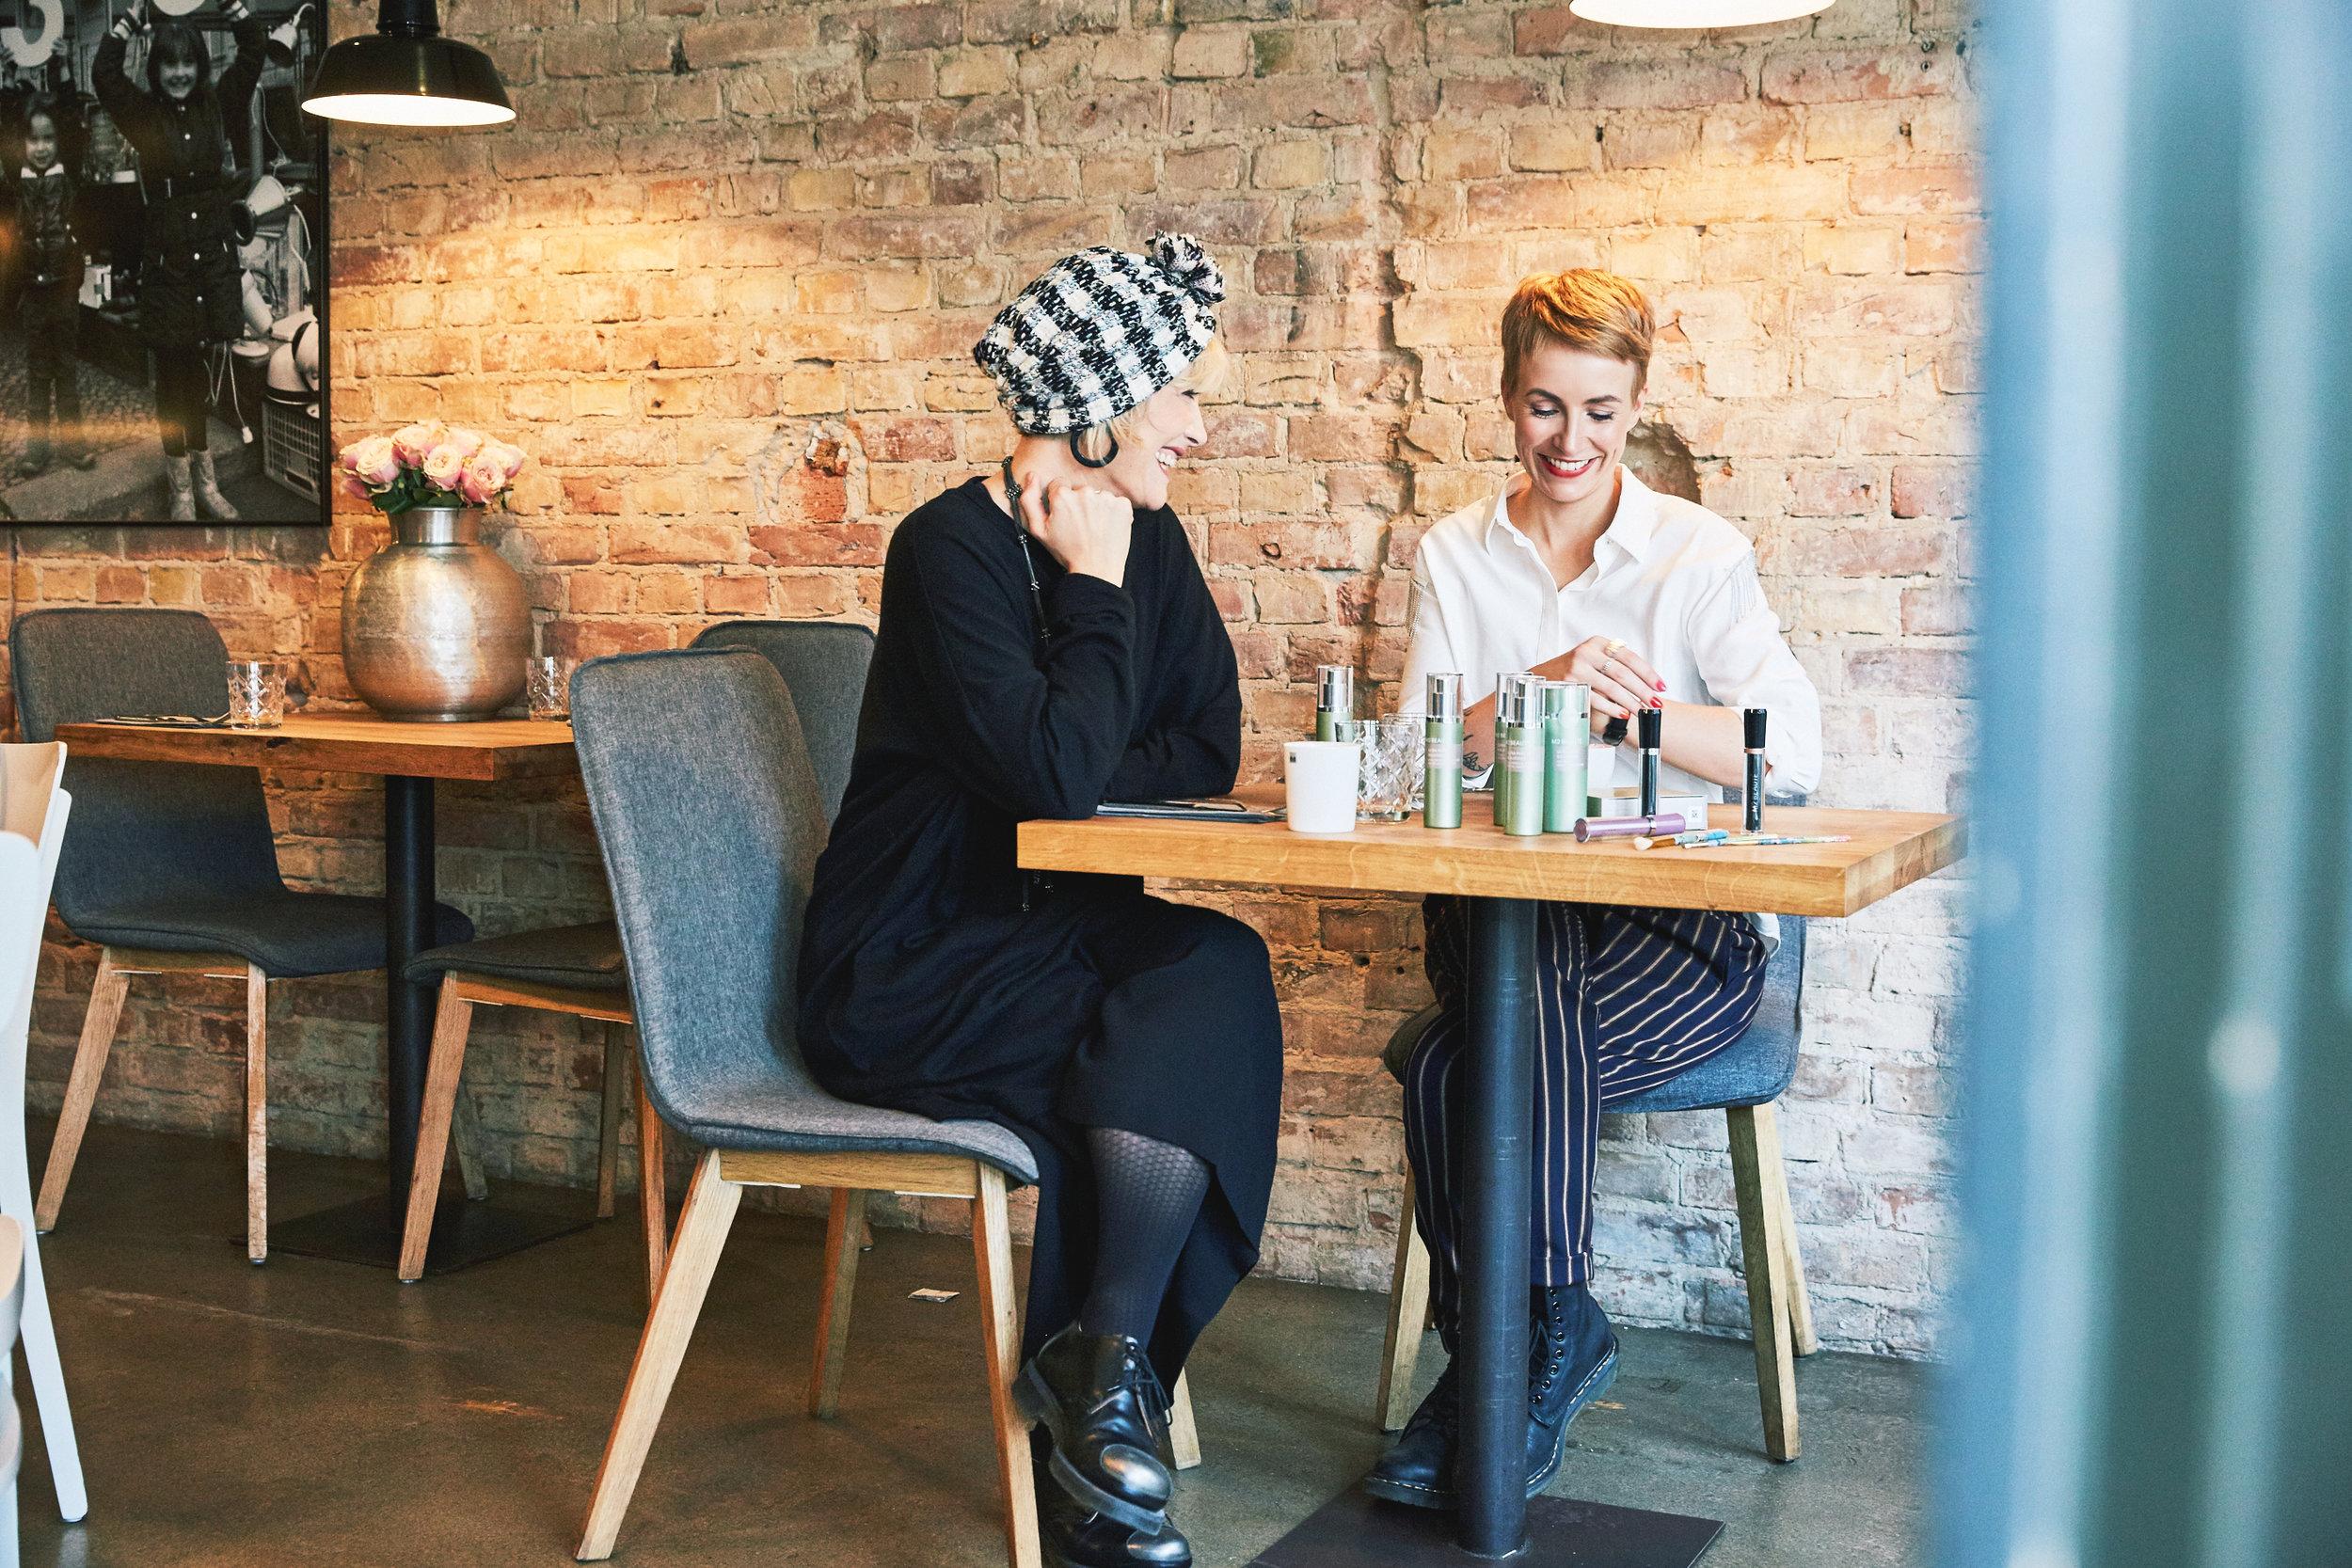 Alexa und Miriam im Gespräch